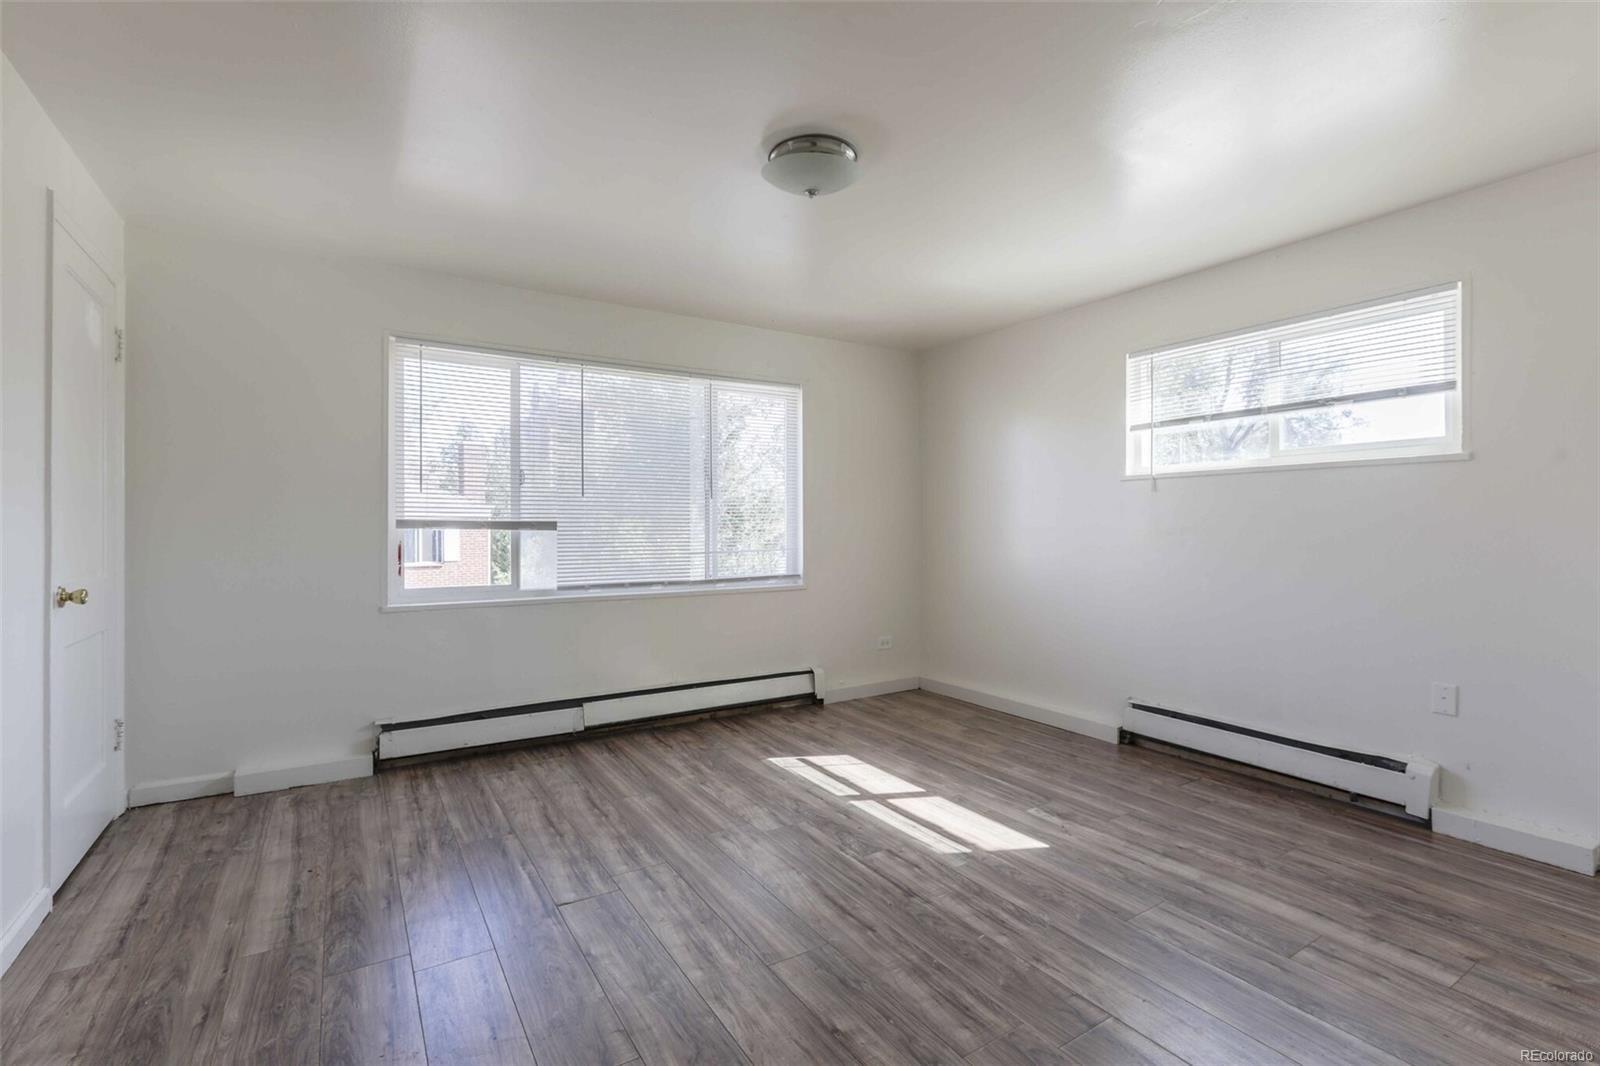 MLS# 3615309 - 1 - 1869  W Mosier Place, Denver, CO 80223